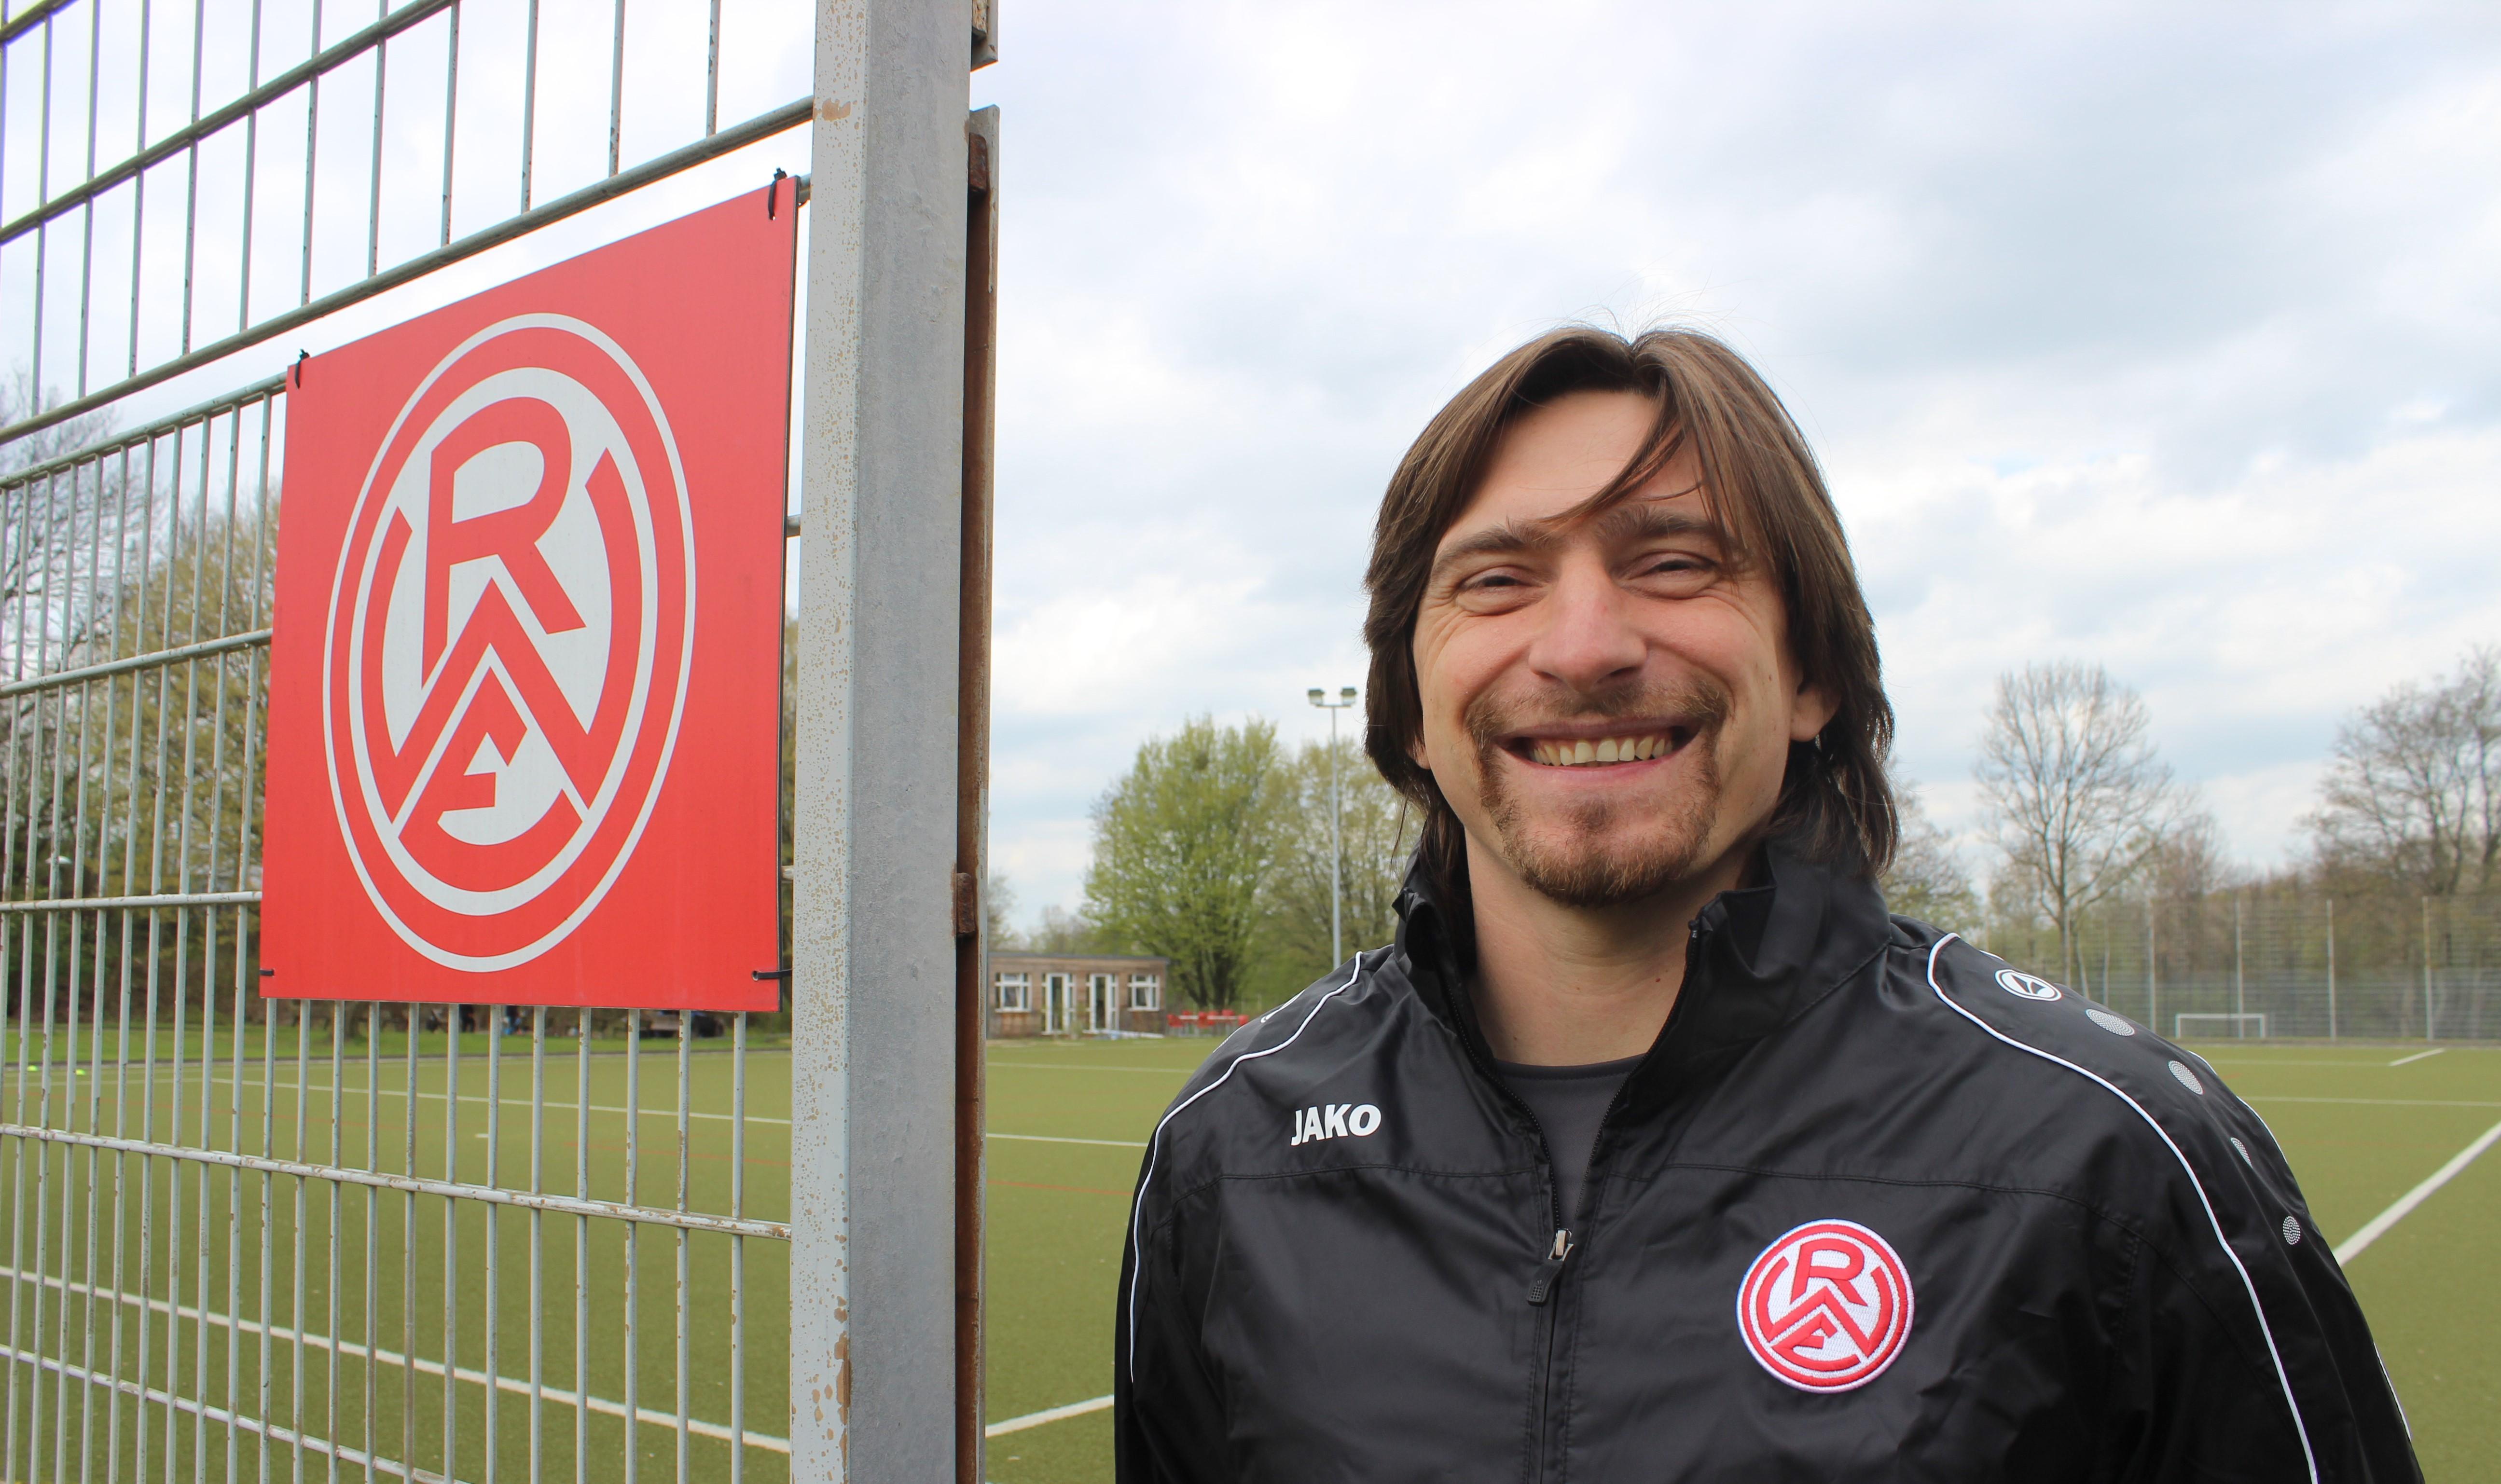 Zurück bei RWE: Der ehemalige rot-weisse Profi Vincent Wagner übernimmt ab Juli den Trainerposten der U19-Mannschaft. (Foto: Poerting)